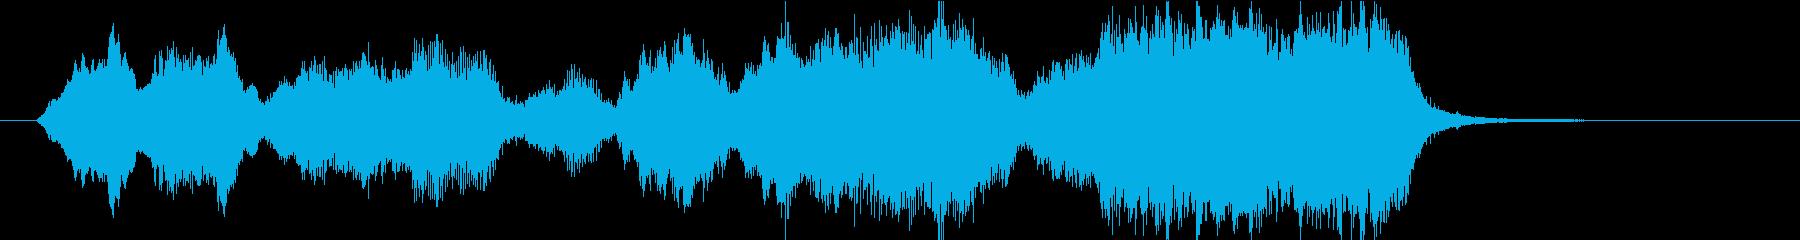 15秒CMサイズの19 弦楽アンサンブルの再生済みの波形